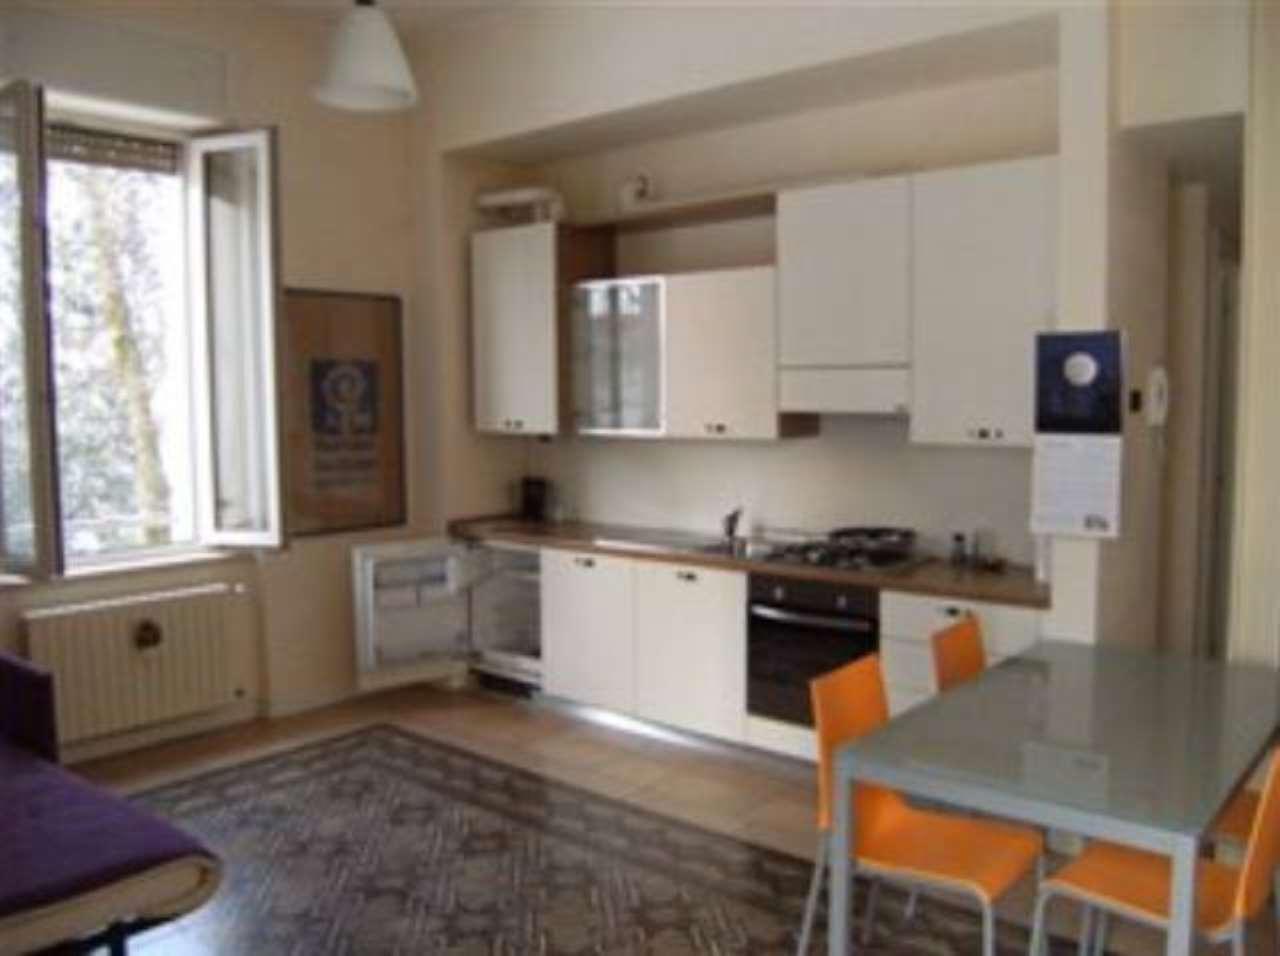 Appartamento in affitto a Fiorenzuola d'Arda, 2 locali, prezzo € 400 | CambioCasa.it